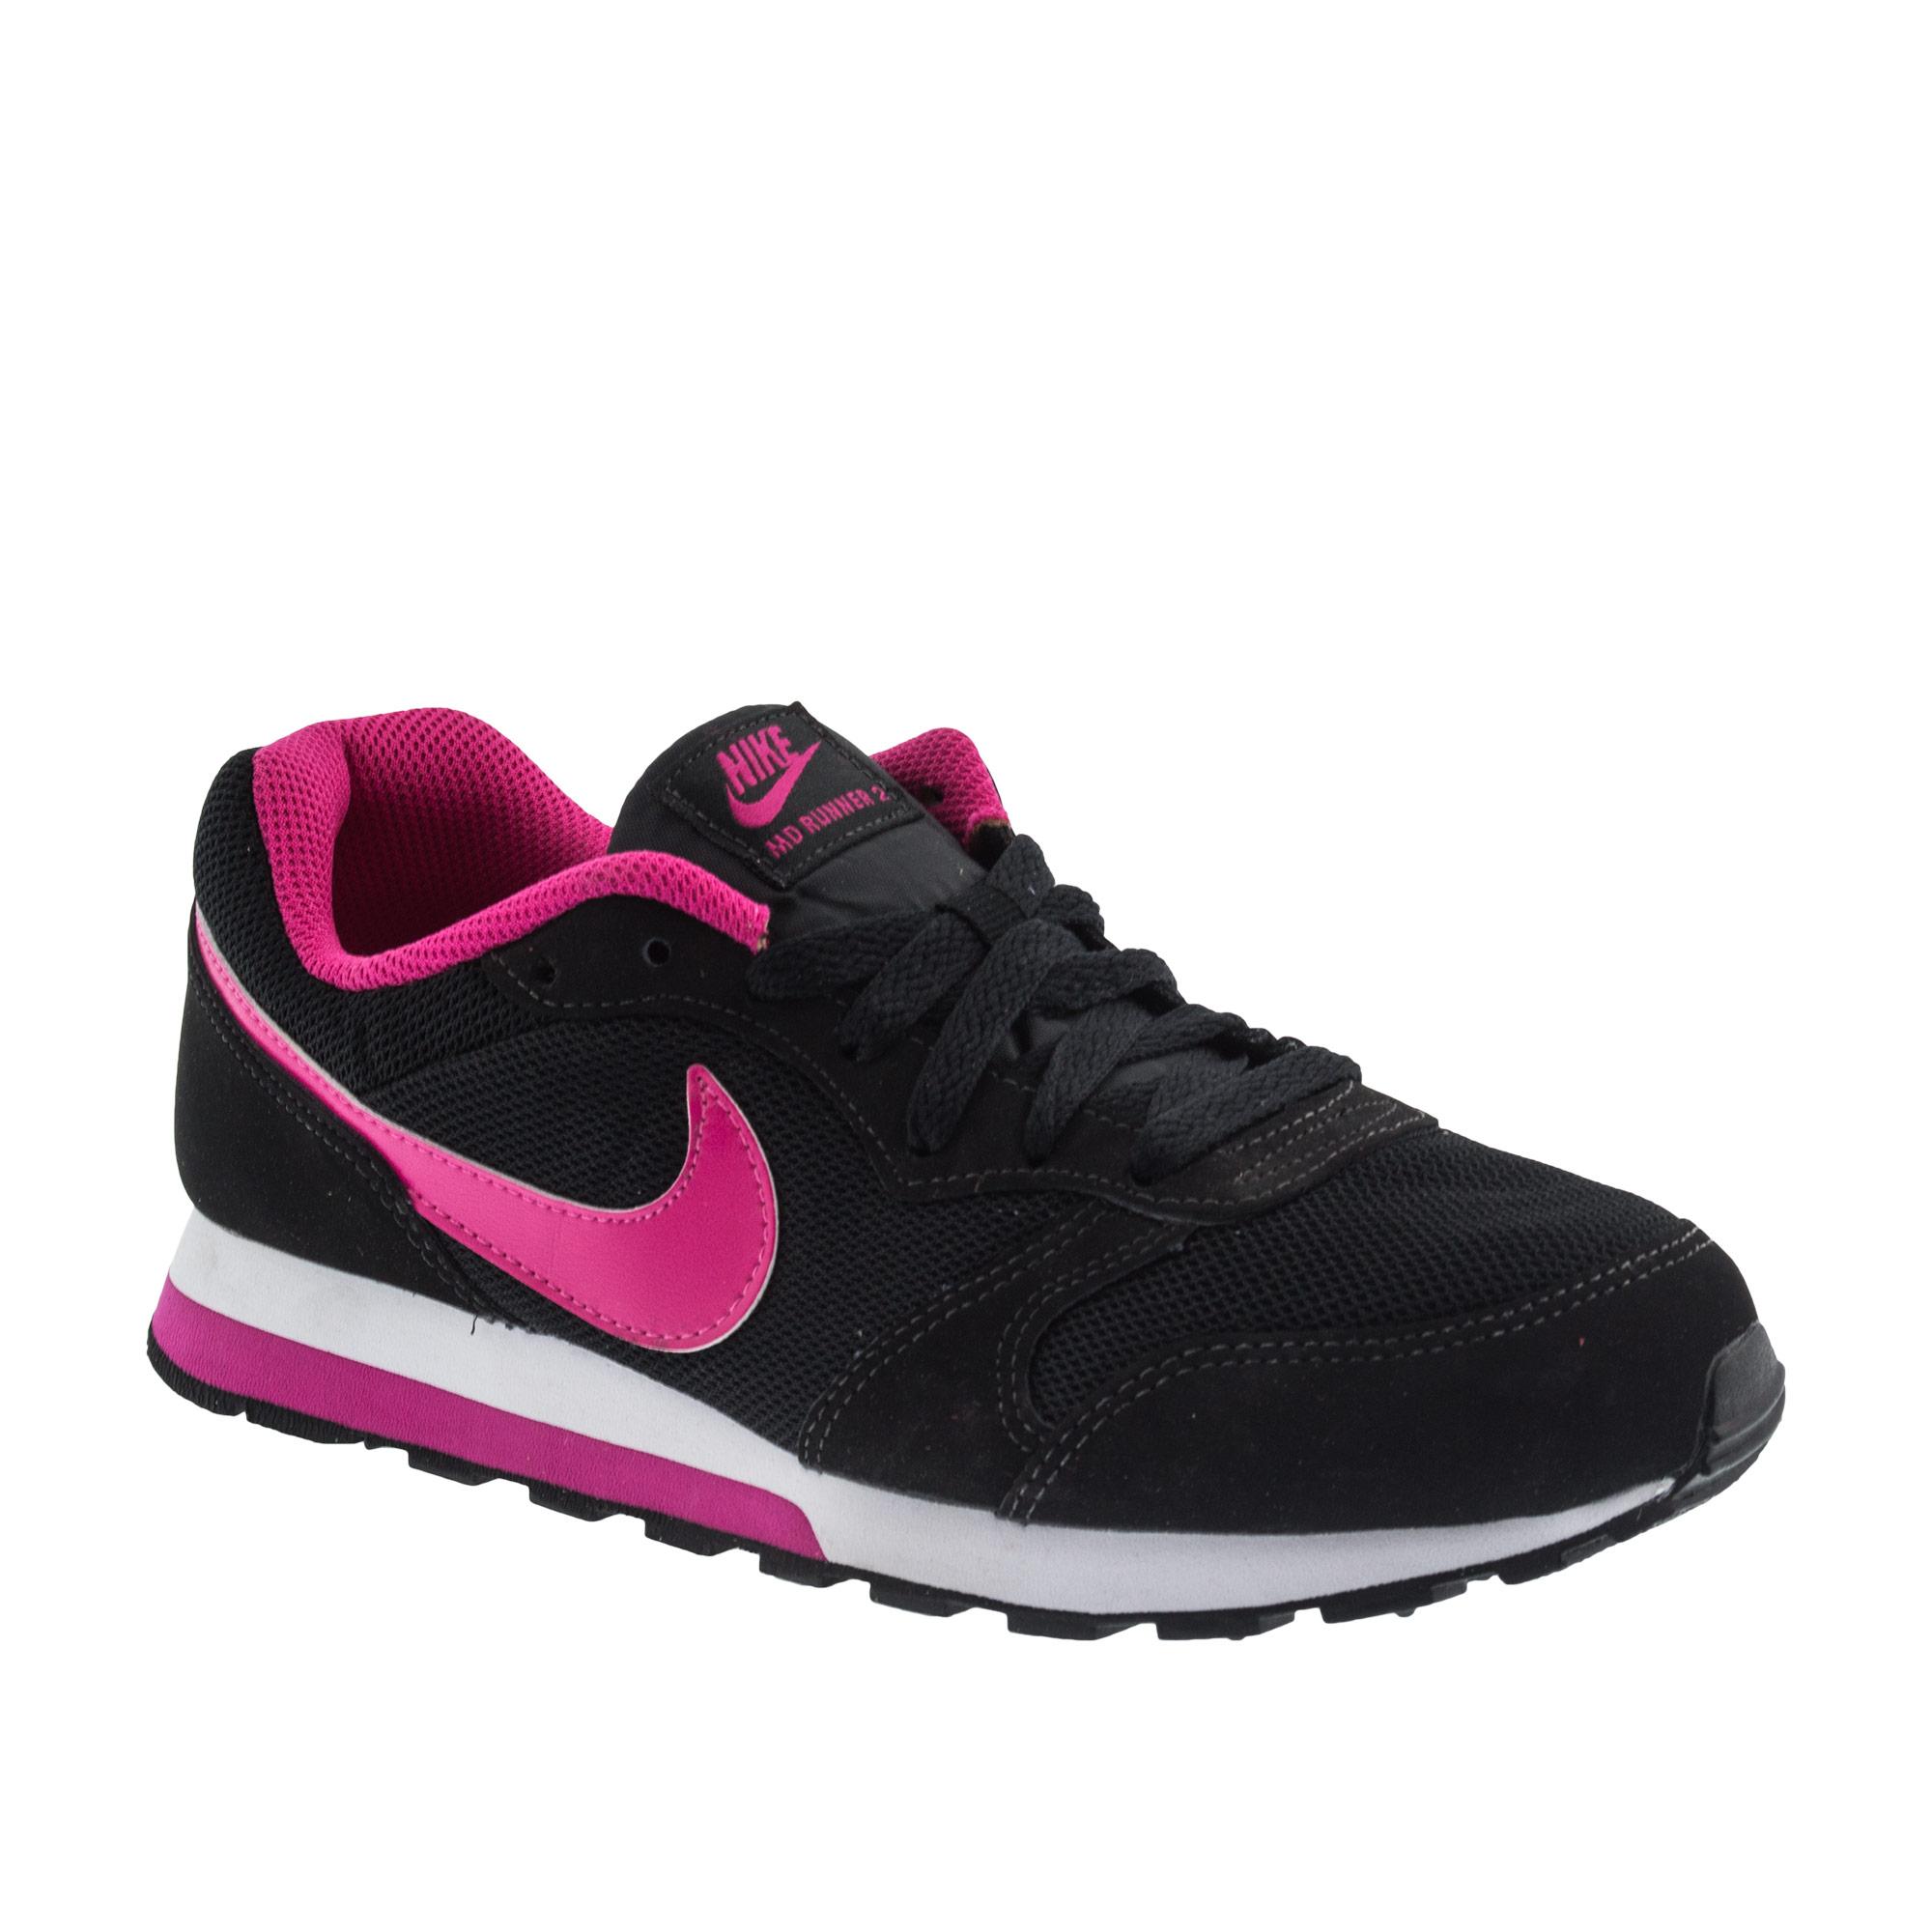 wholesale dealer cbfce 236c5 Nike MD Runner 2 GS Siyah Spor Ayakkabı (807319-006)